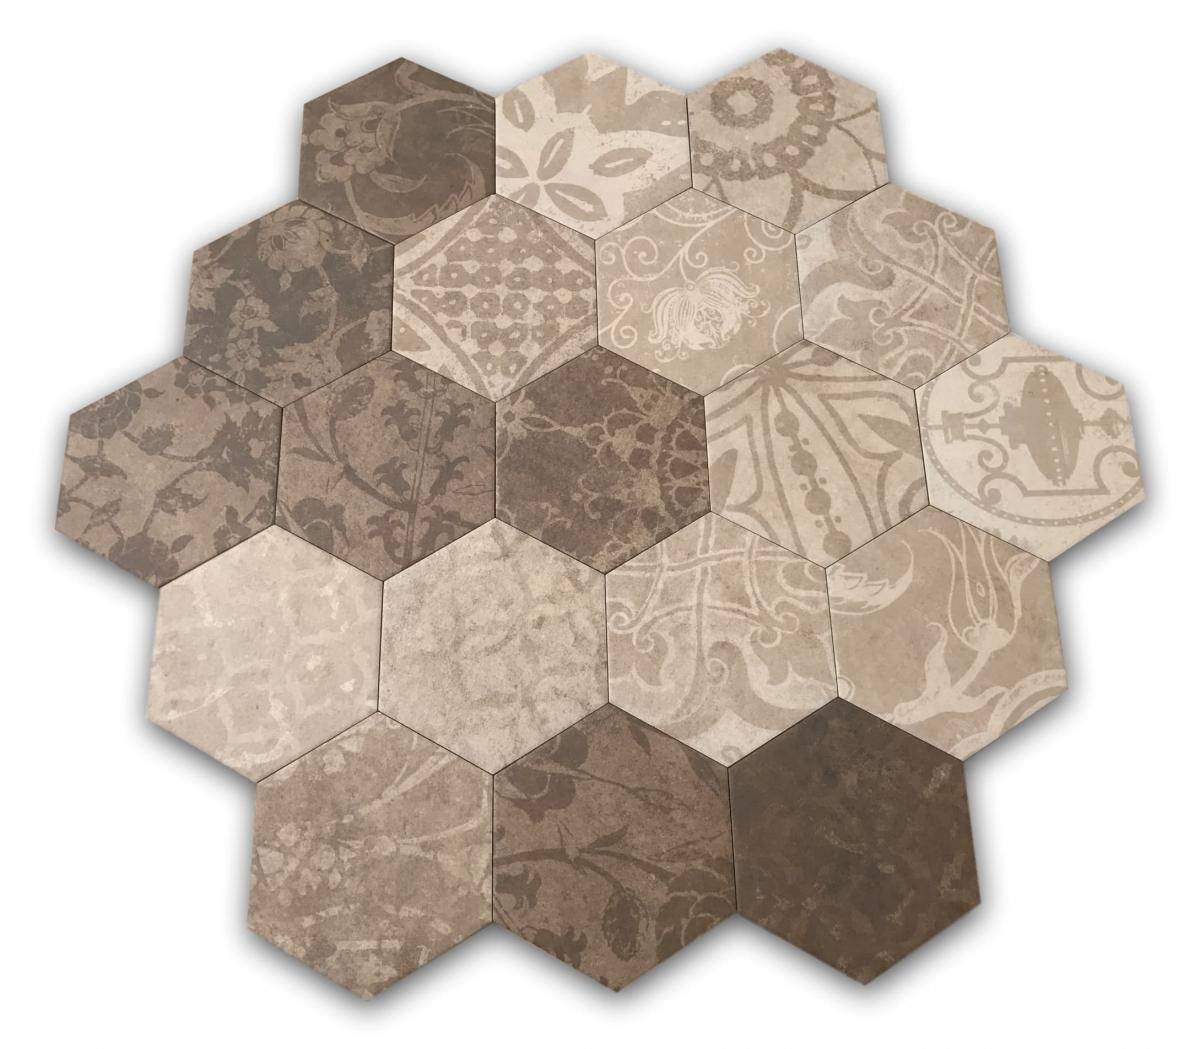 Płytki heksagonalne - pakiet elementów modułowych